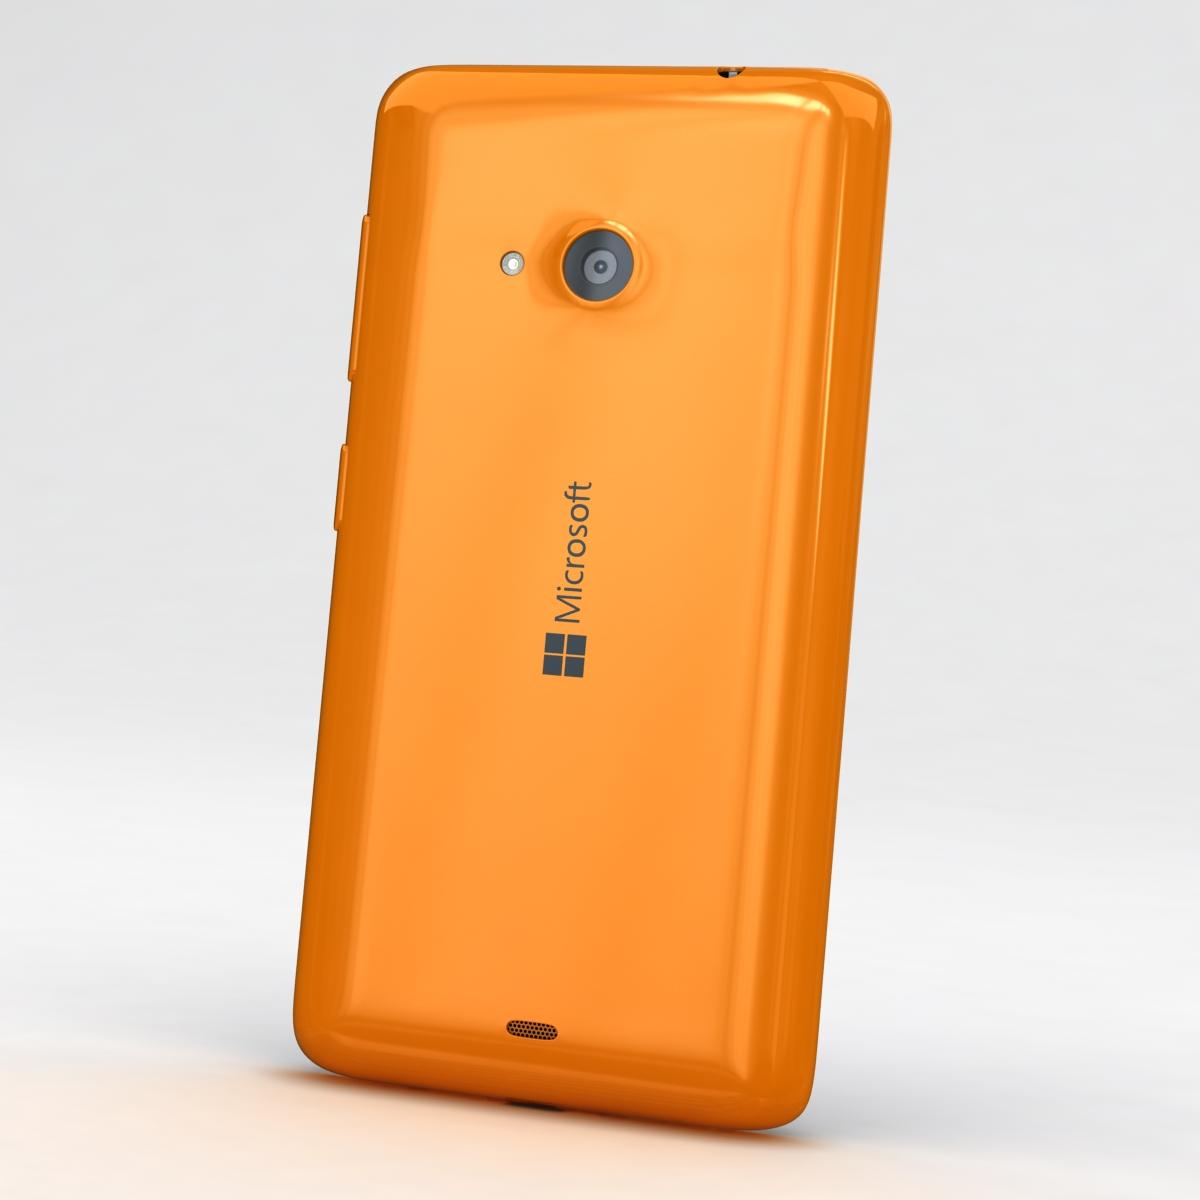 microsoft lumia 535 and dual sim all colors 3d model 3ds max fbx c4d obj 204661